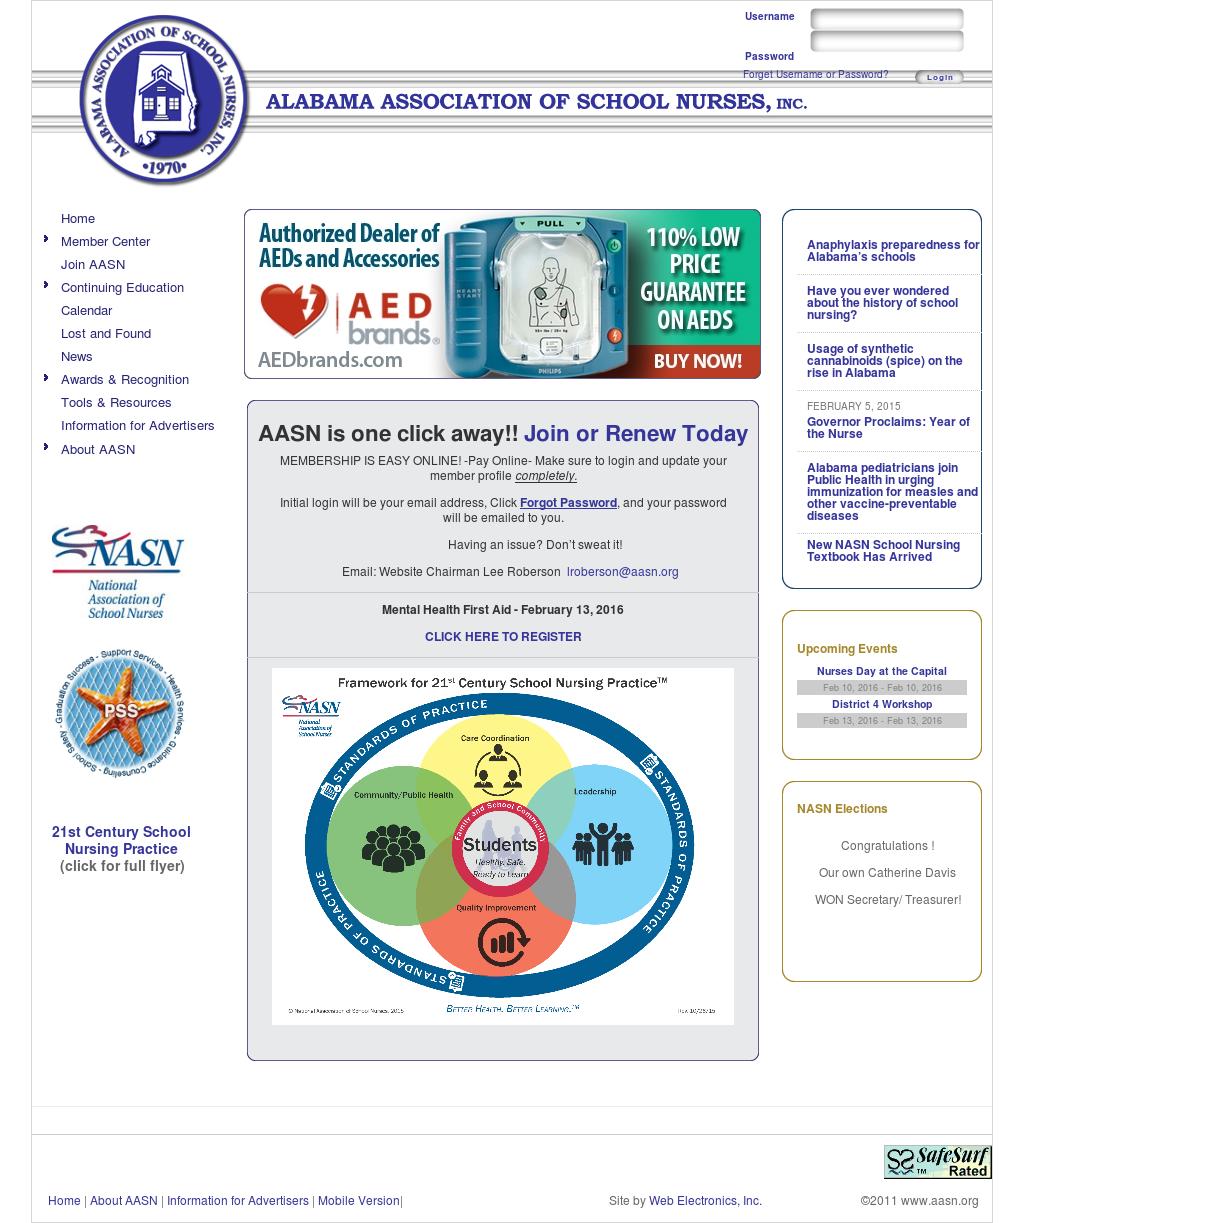 Alabama Association Of School Nurses Competitors, Revenue